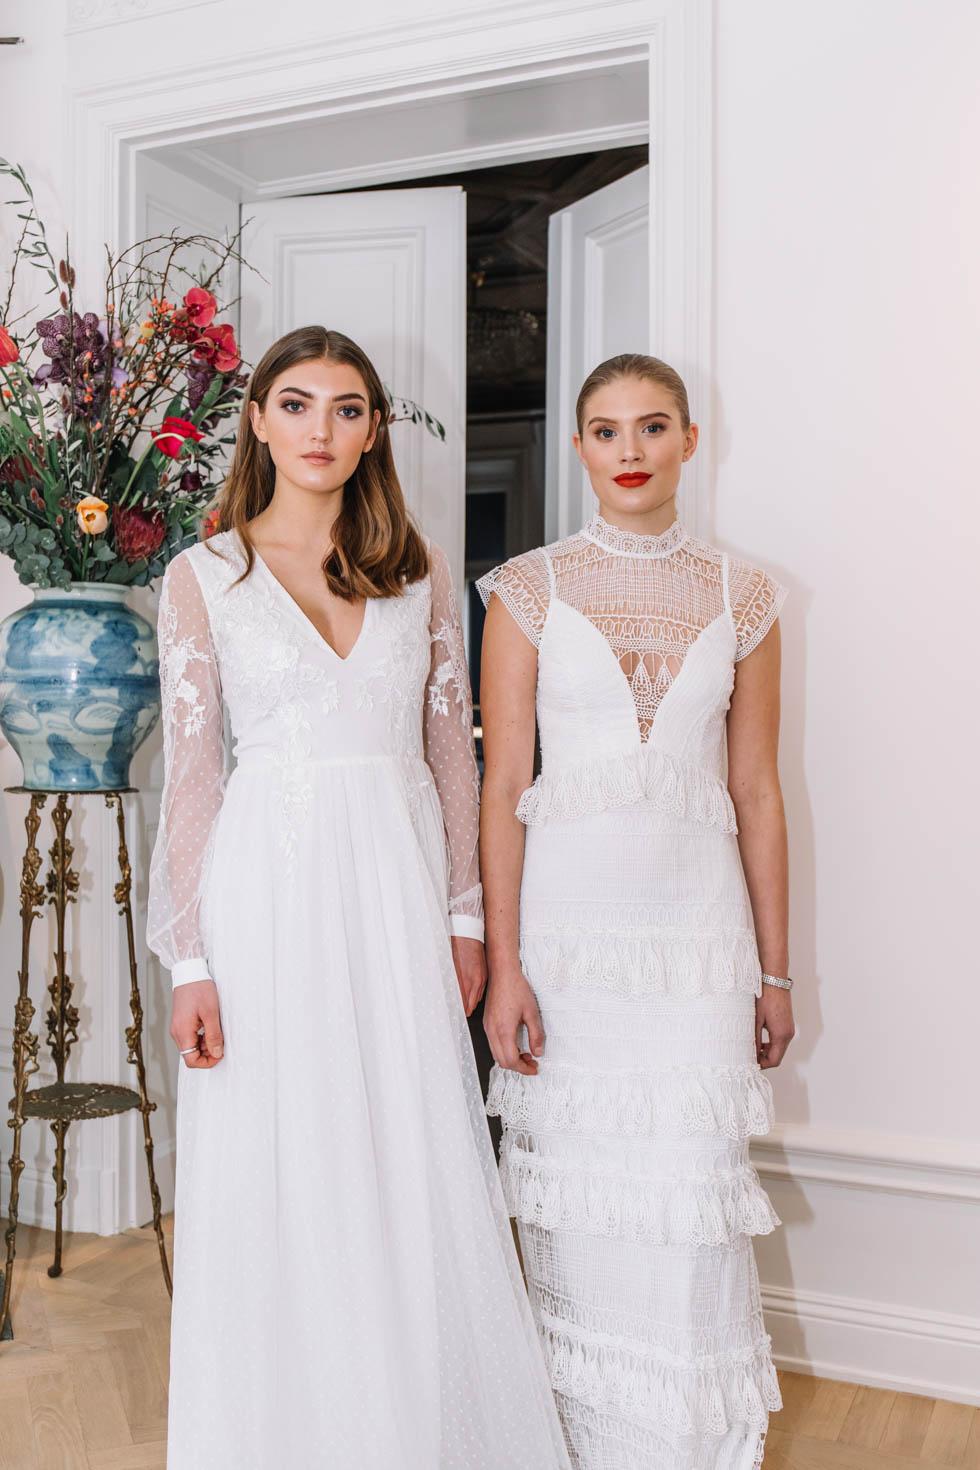 cf86d1e6833d Förlåt för att jag terroriserar er med bilder, men är verkligen stolt över  de här klänningarna. Och våra söta modeller Felicia och Jossan.